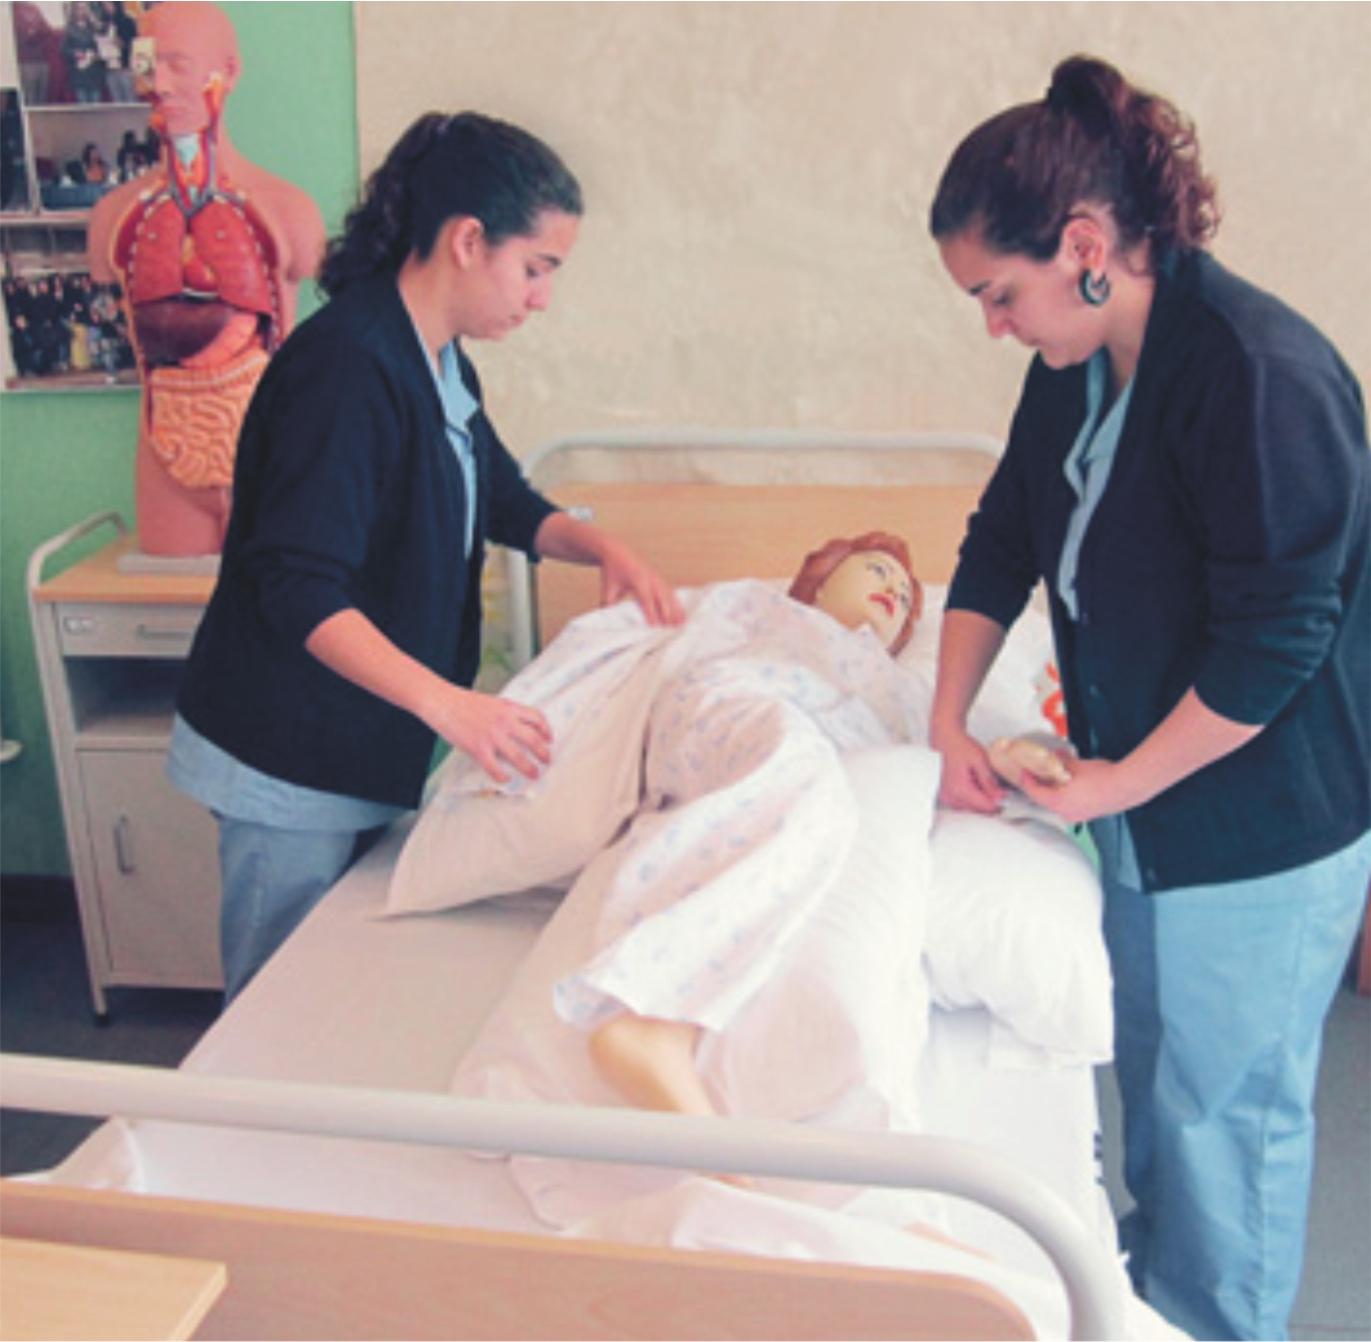 Técnico Auxiliar de Saúde